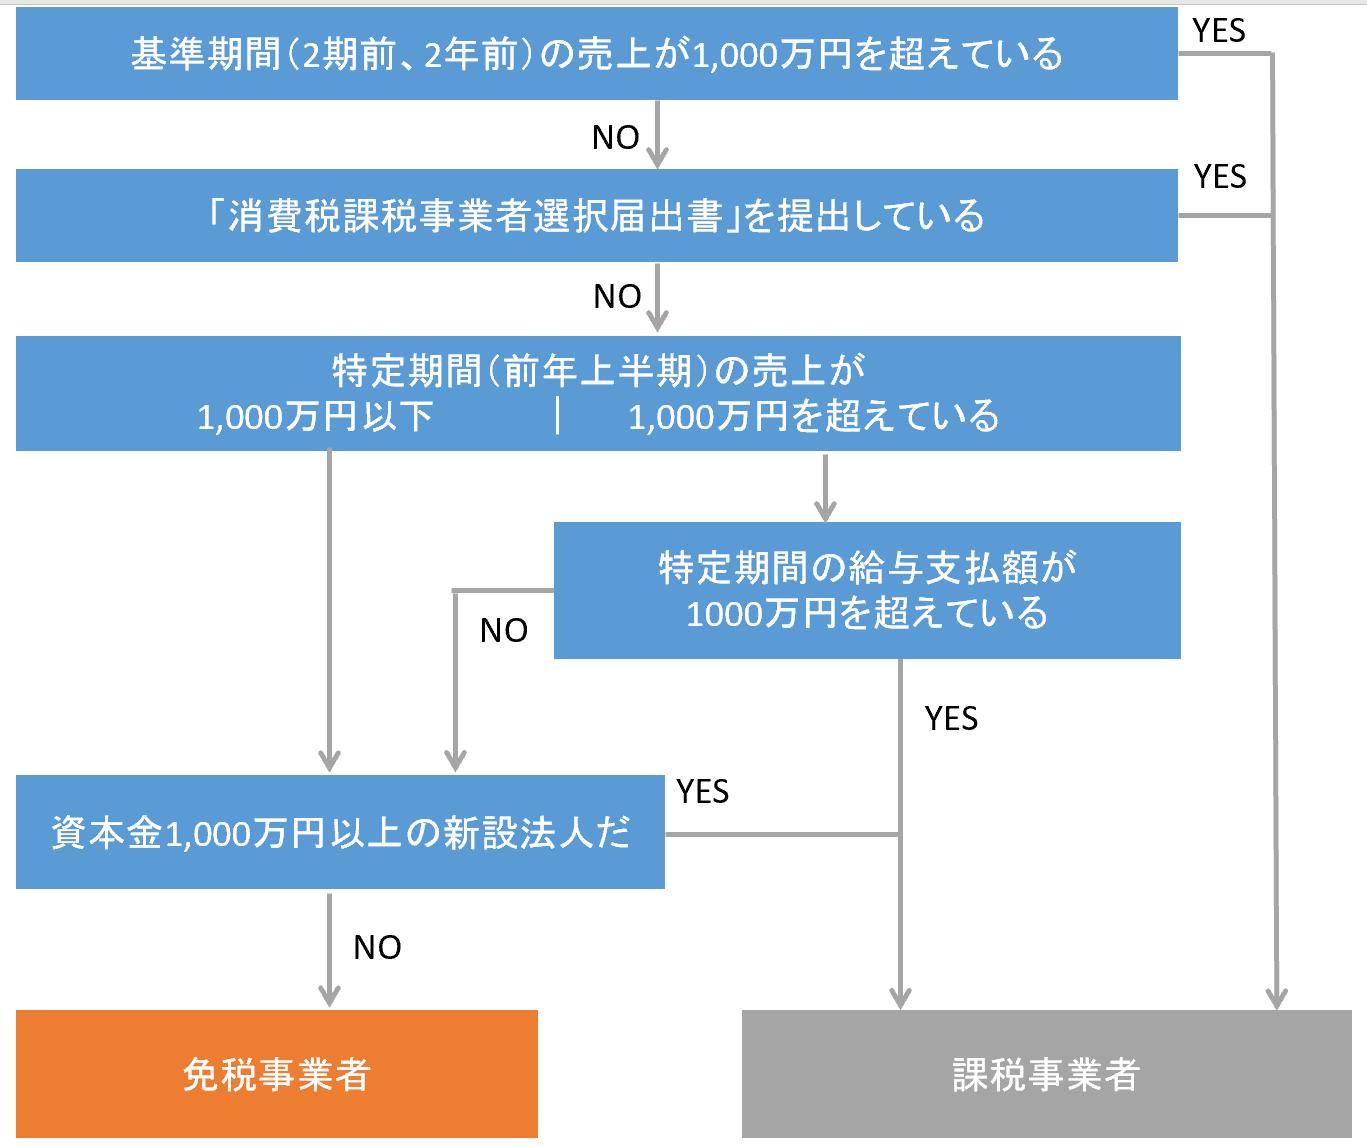 消費税の納税義務判定フローチャート